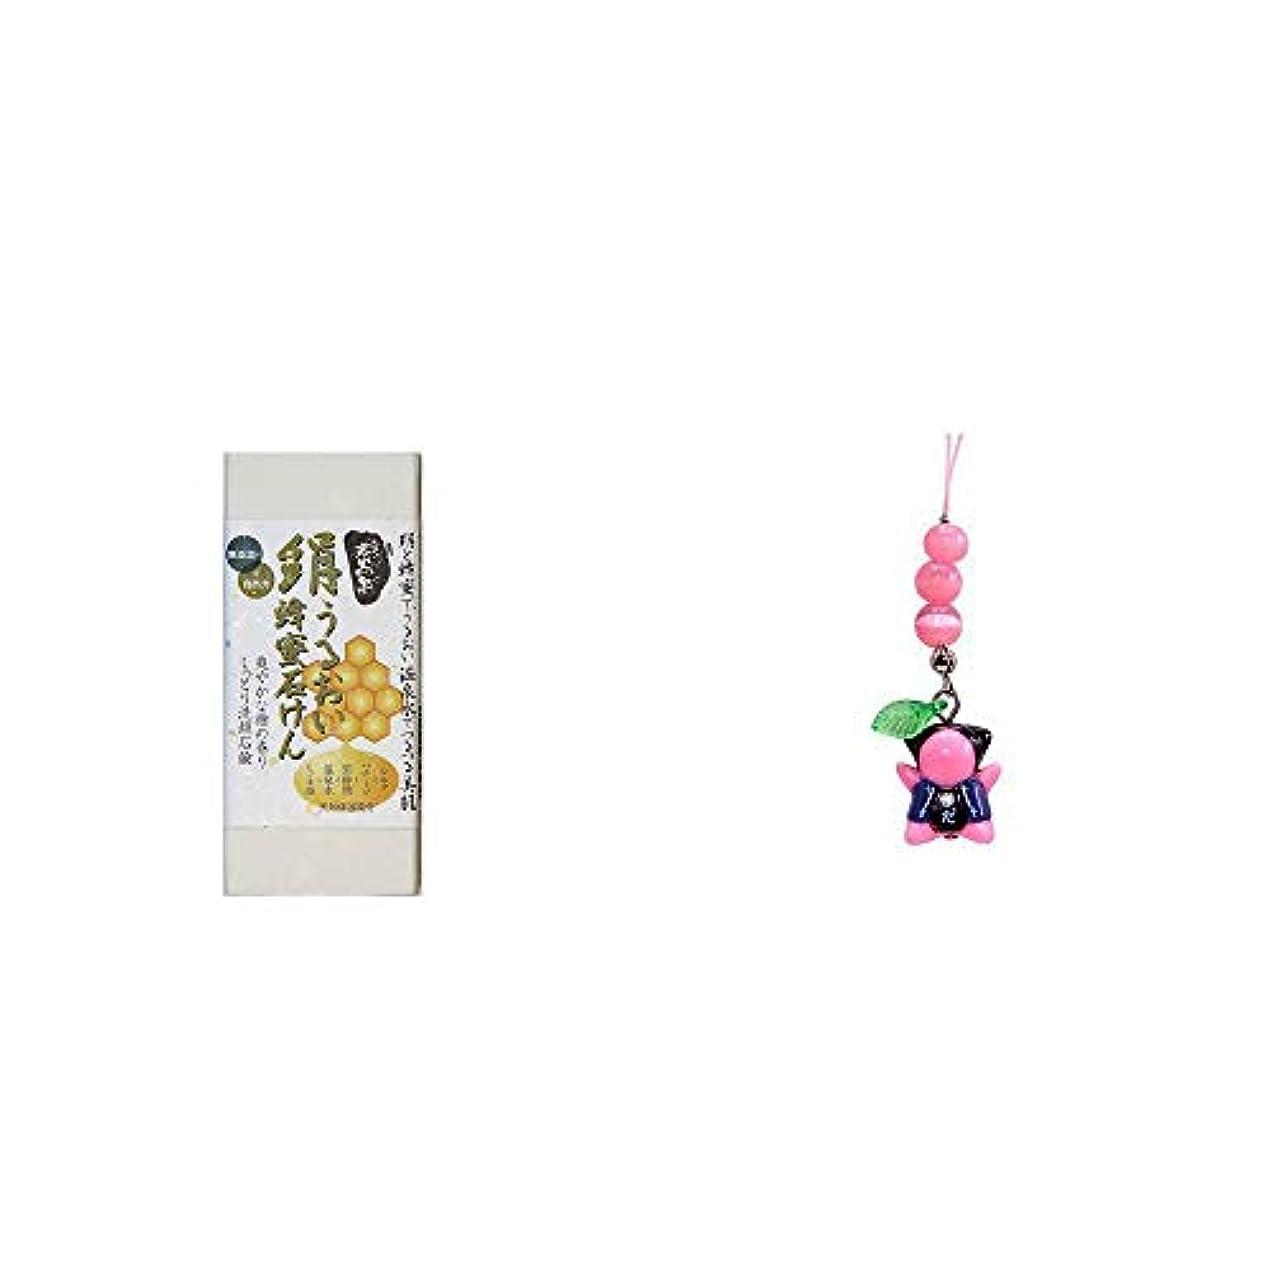 叫ぶ不条理タウポ湖[2点セット] ひのき炭黒泉 絹うるおい蜂蜜石けん(75g×2)?さるぼぼ癒しキャッツアイ【ピンク】/ ストラップ 恋愛運?素敵な出会い?幸せな結婚?豊かな人間関係 //